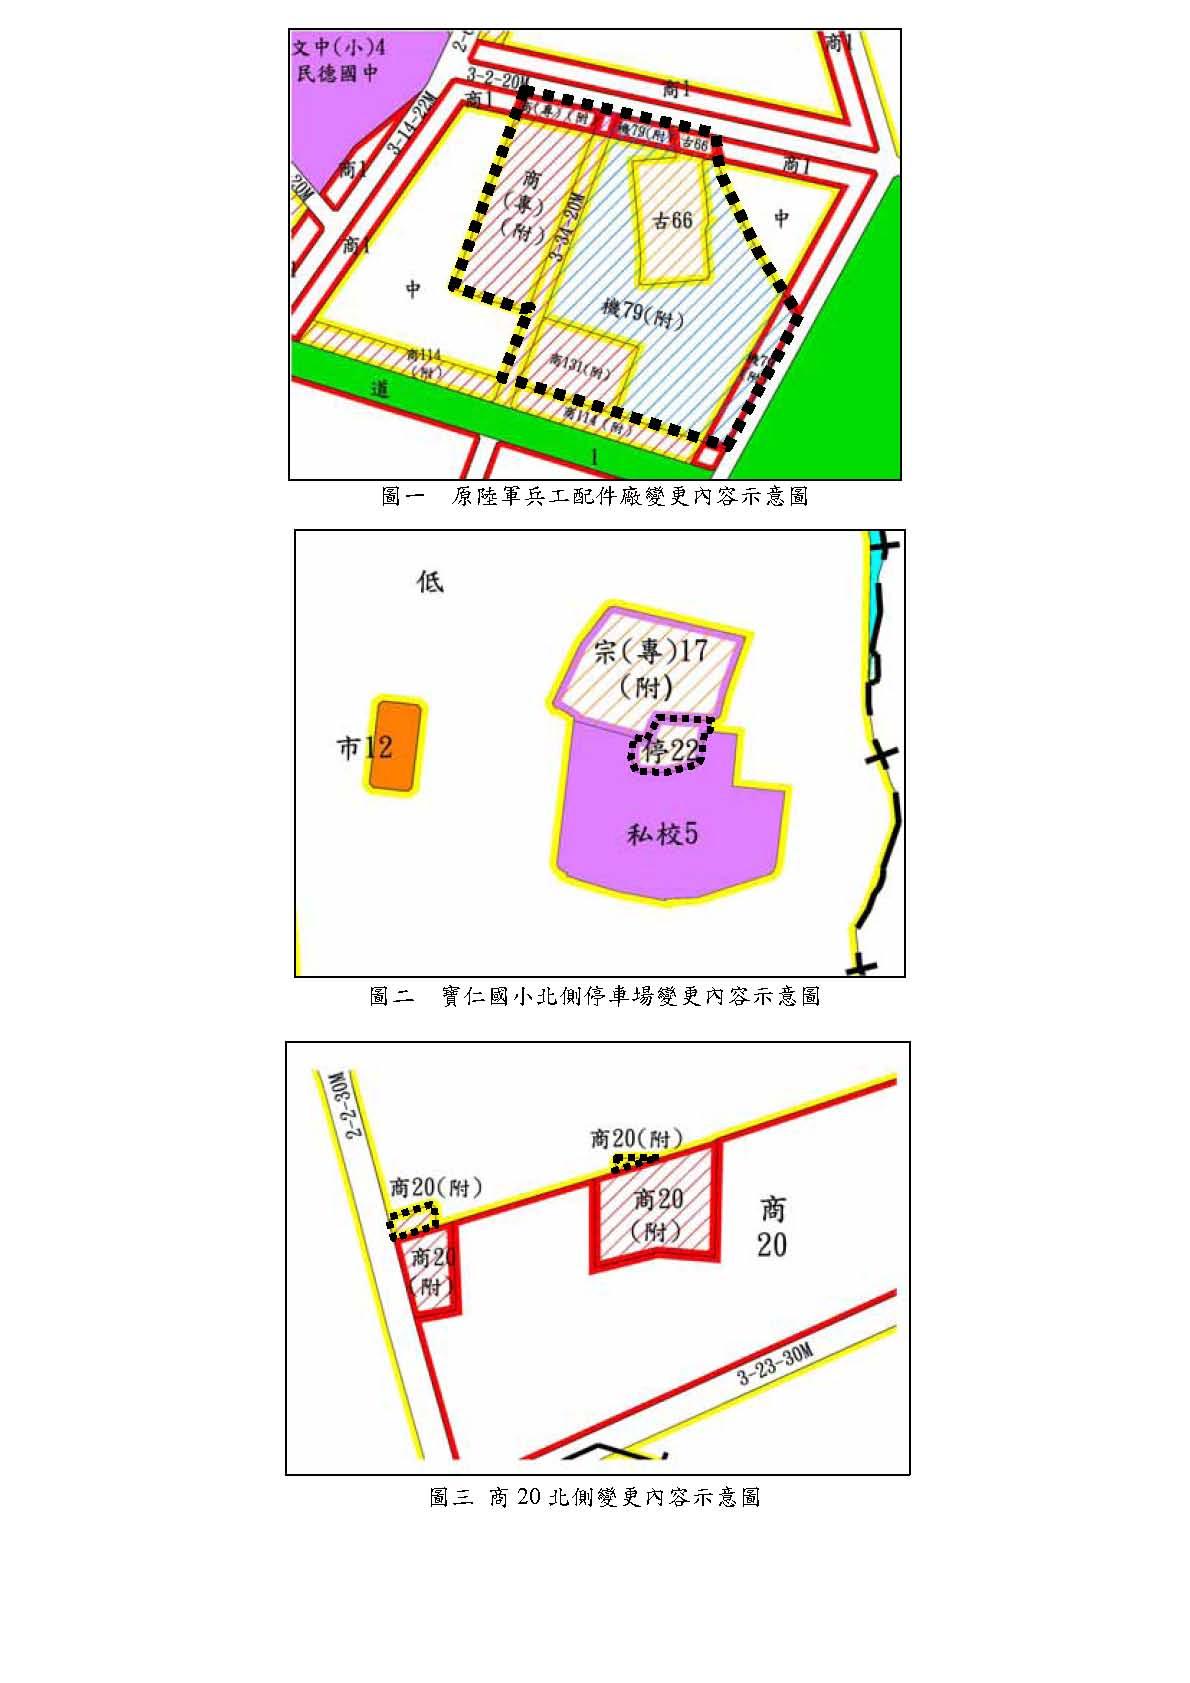 「變更臺南市北區都市計畫(主要計畫)通盤檢討」案  0